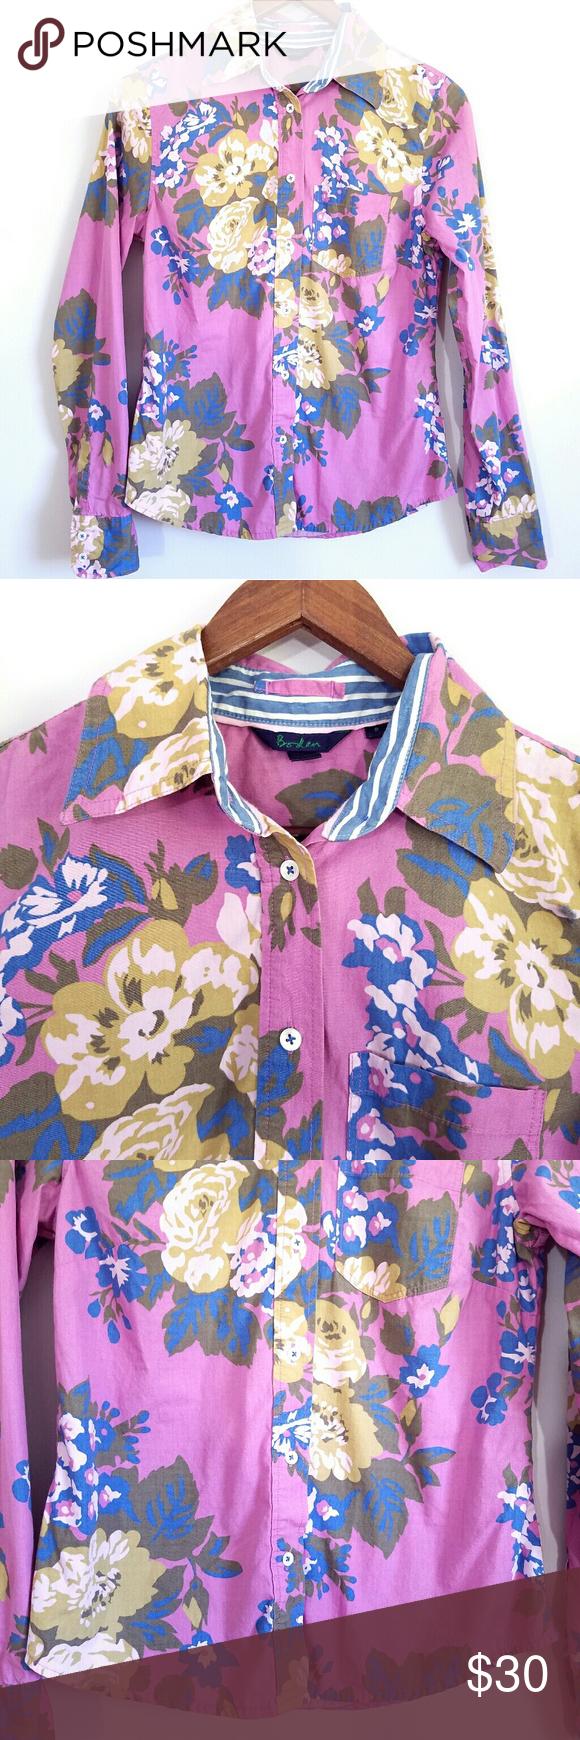 Boden Purple Floral Button Front Top EUC 8 Print